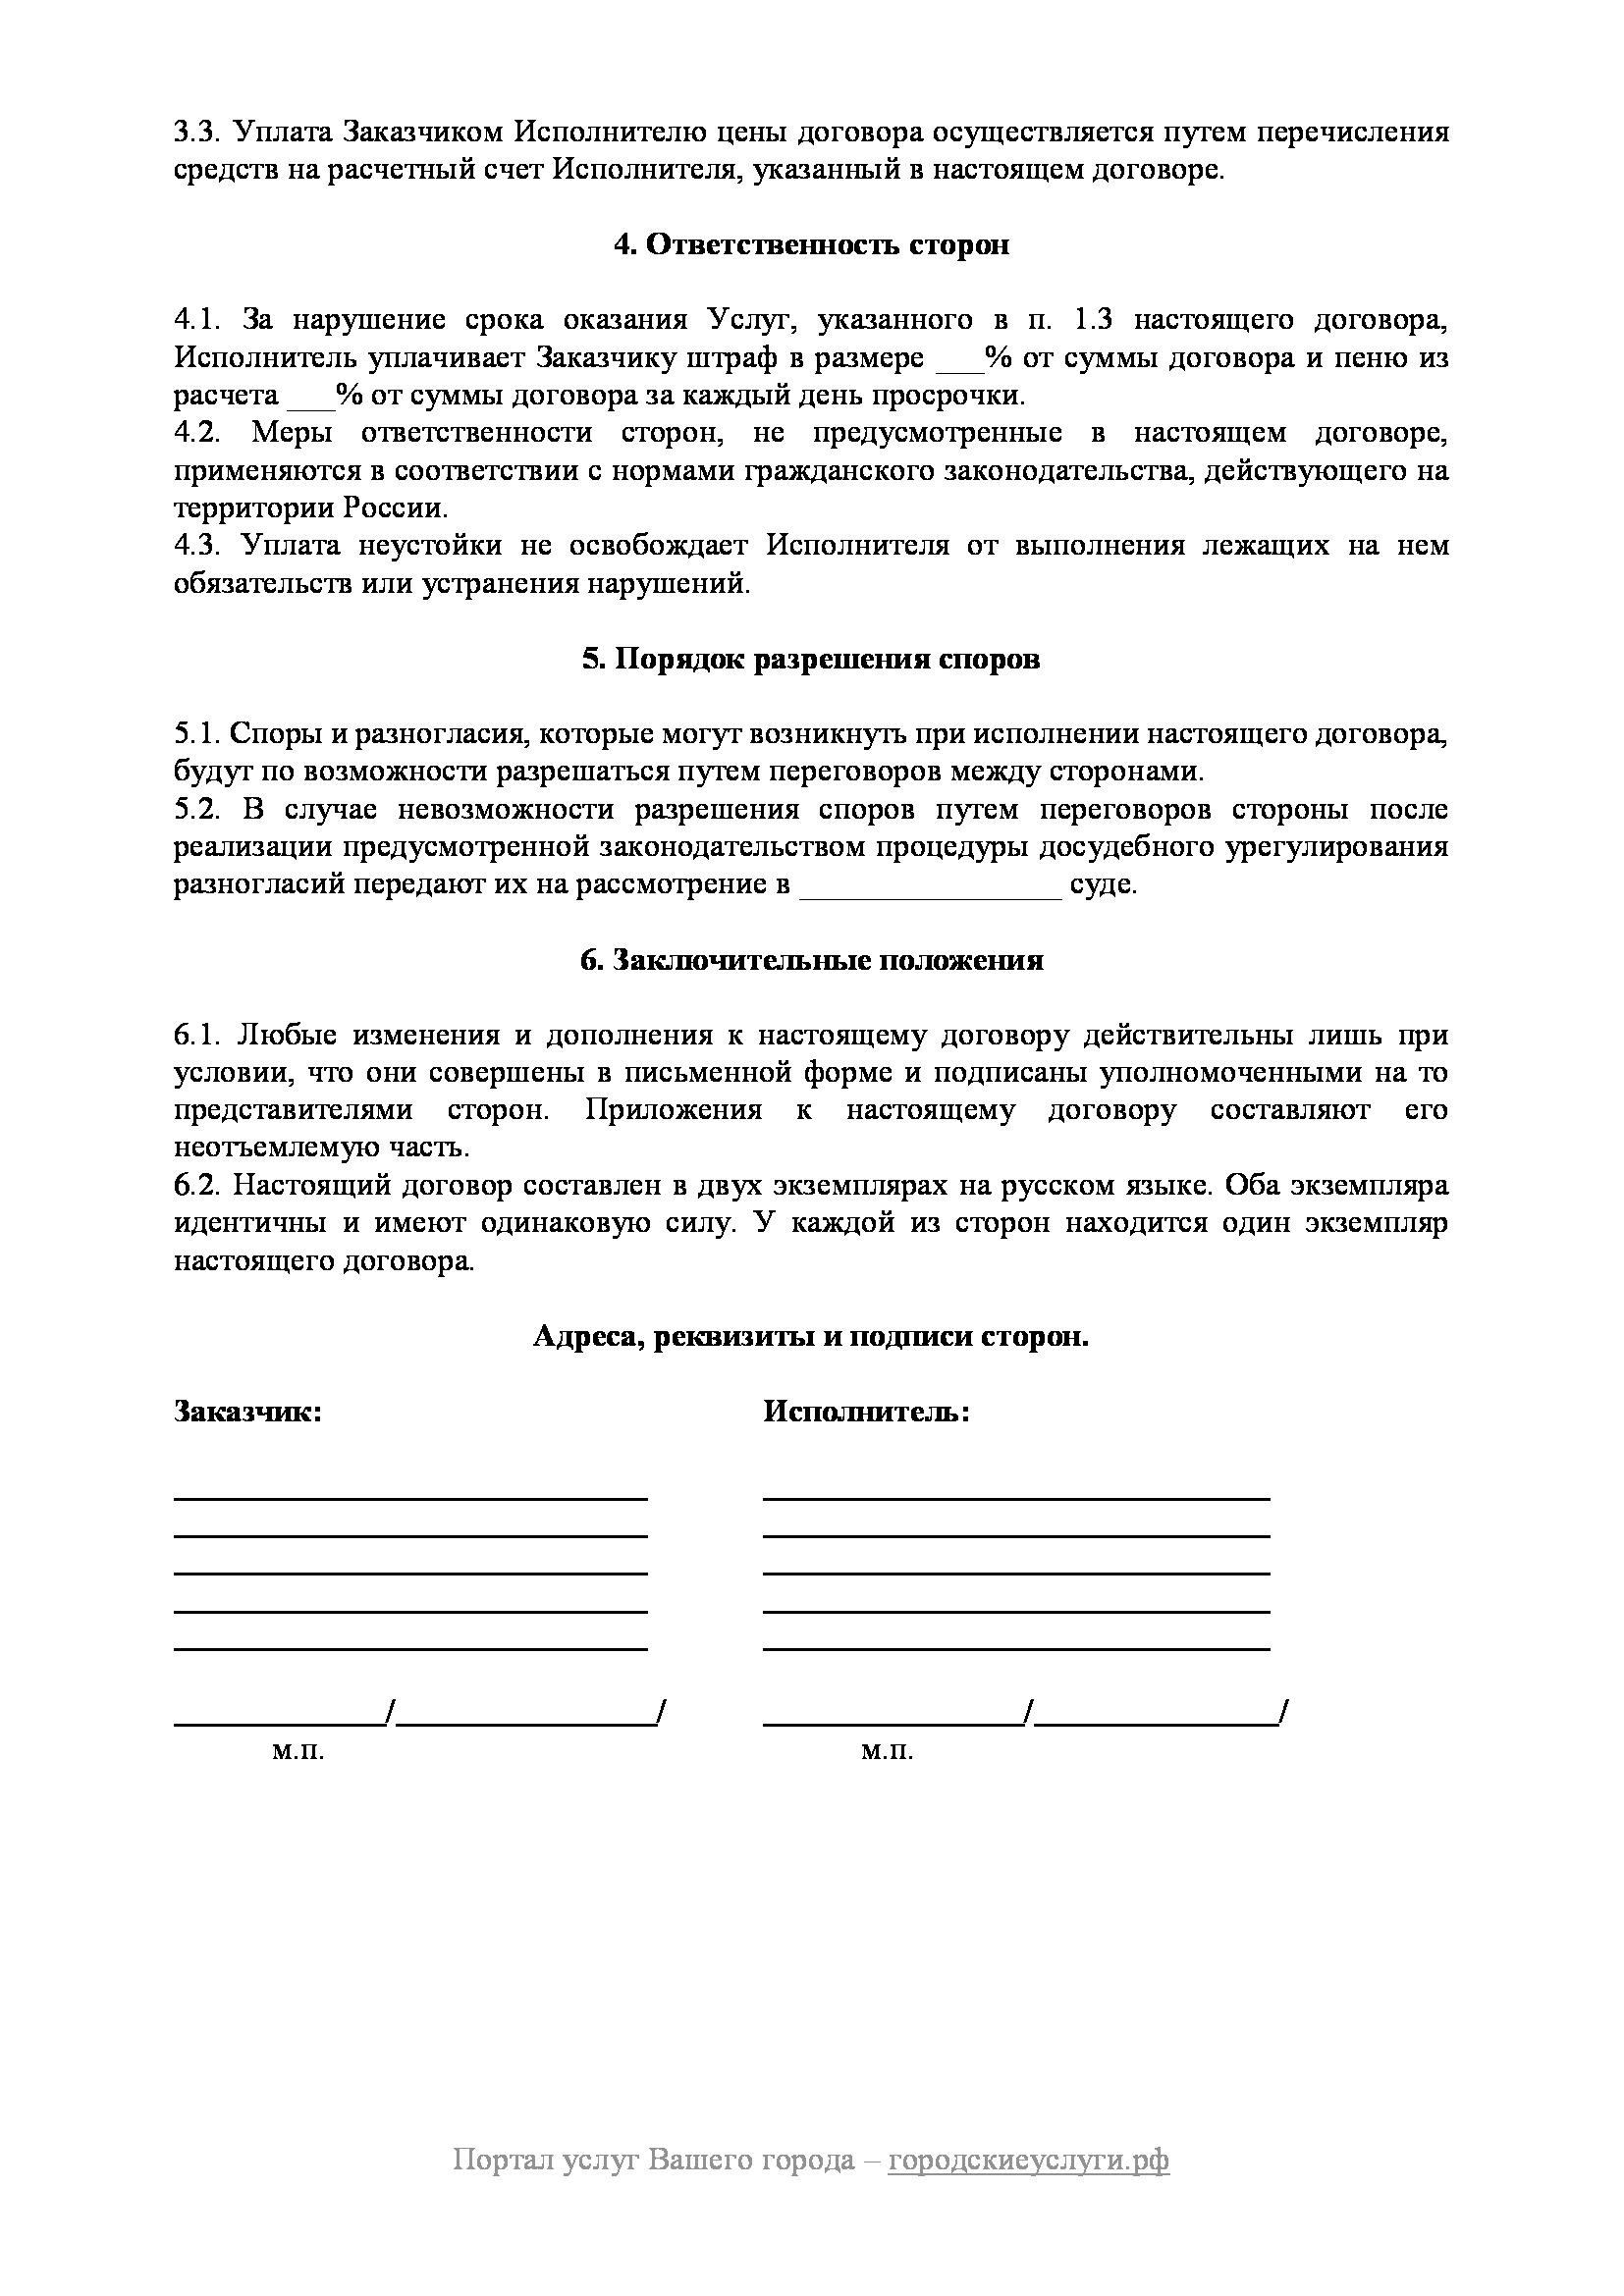 составления договора на предоставление услуг